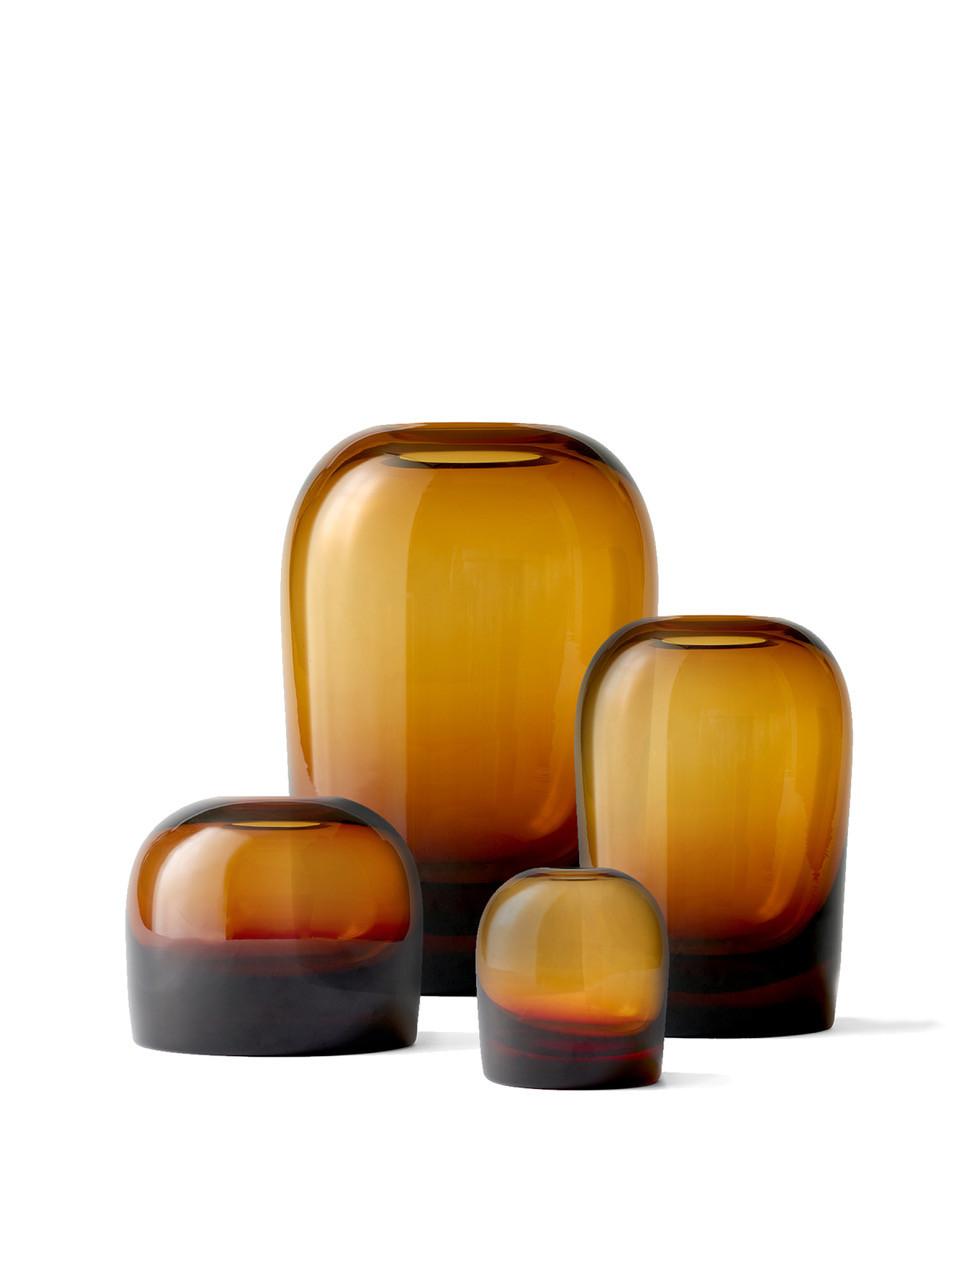 Taça Troll, o que começou por ser um estudo das propriedades do vidro, resultou nesta peça dinâmica; design de Andersen & Voll, para a Menu, na Casas com Design